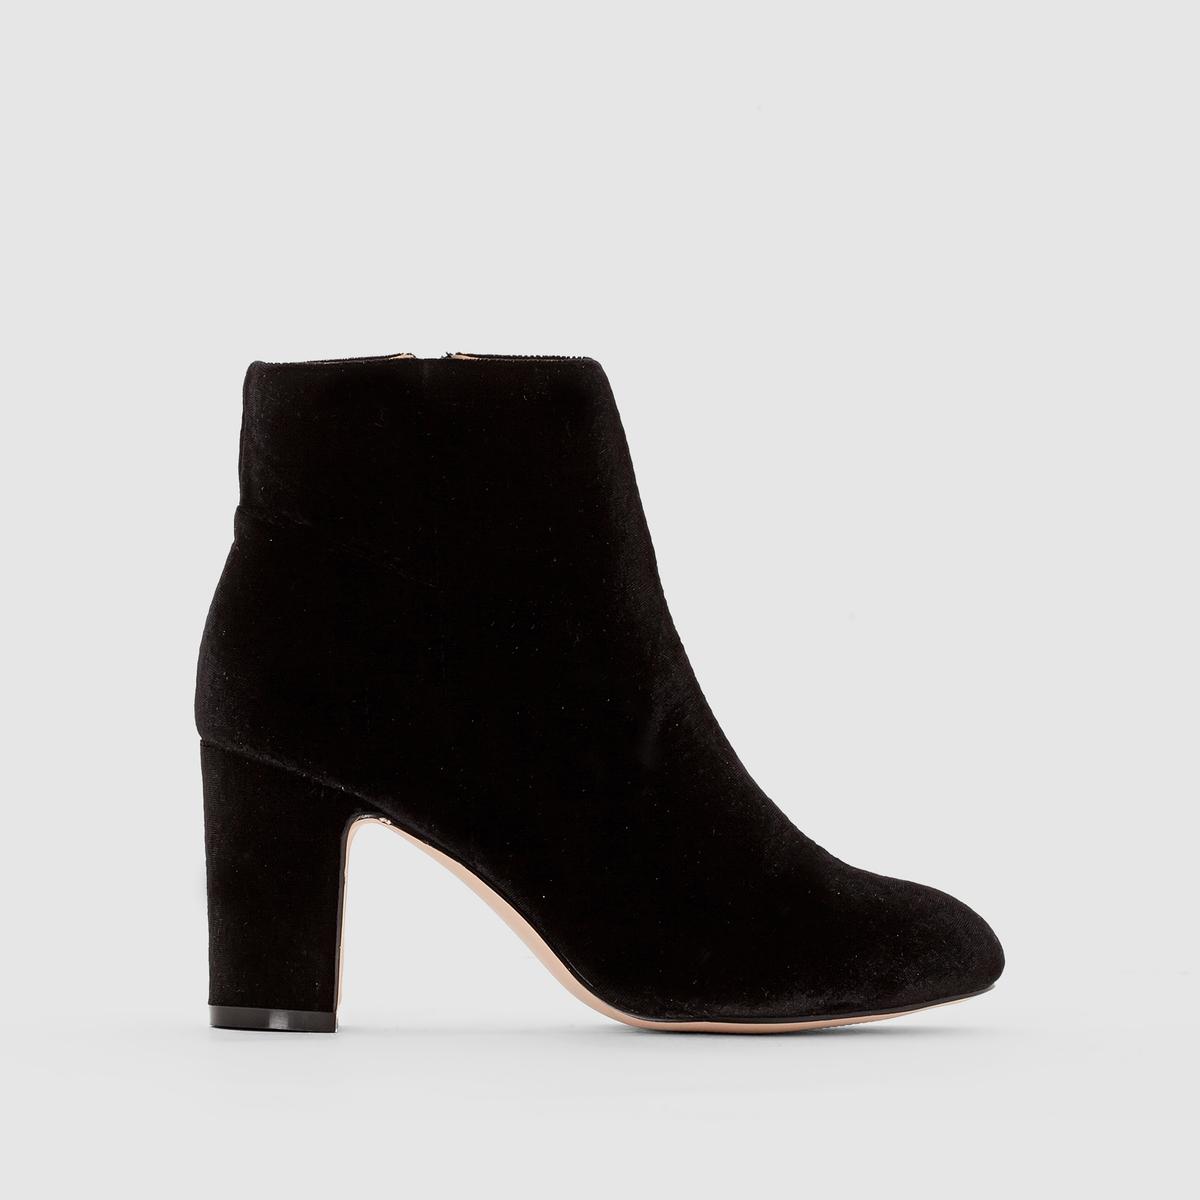 Ботильоны из велюра на каблукеПреимущества : элегантные ботильоны на высоком красивом каблуке с голенищем из текстиля и застежкой на молнию.<br><br>Цвет: черный<br>Размер: 39.36.37